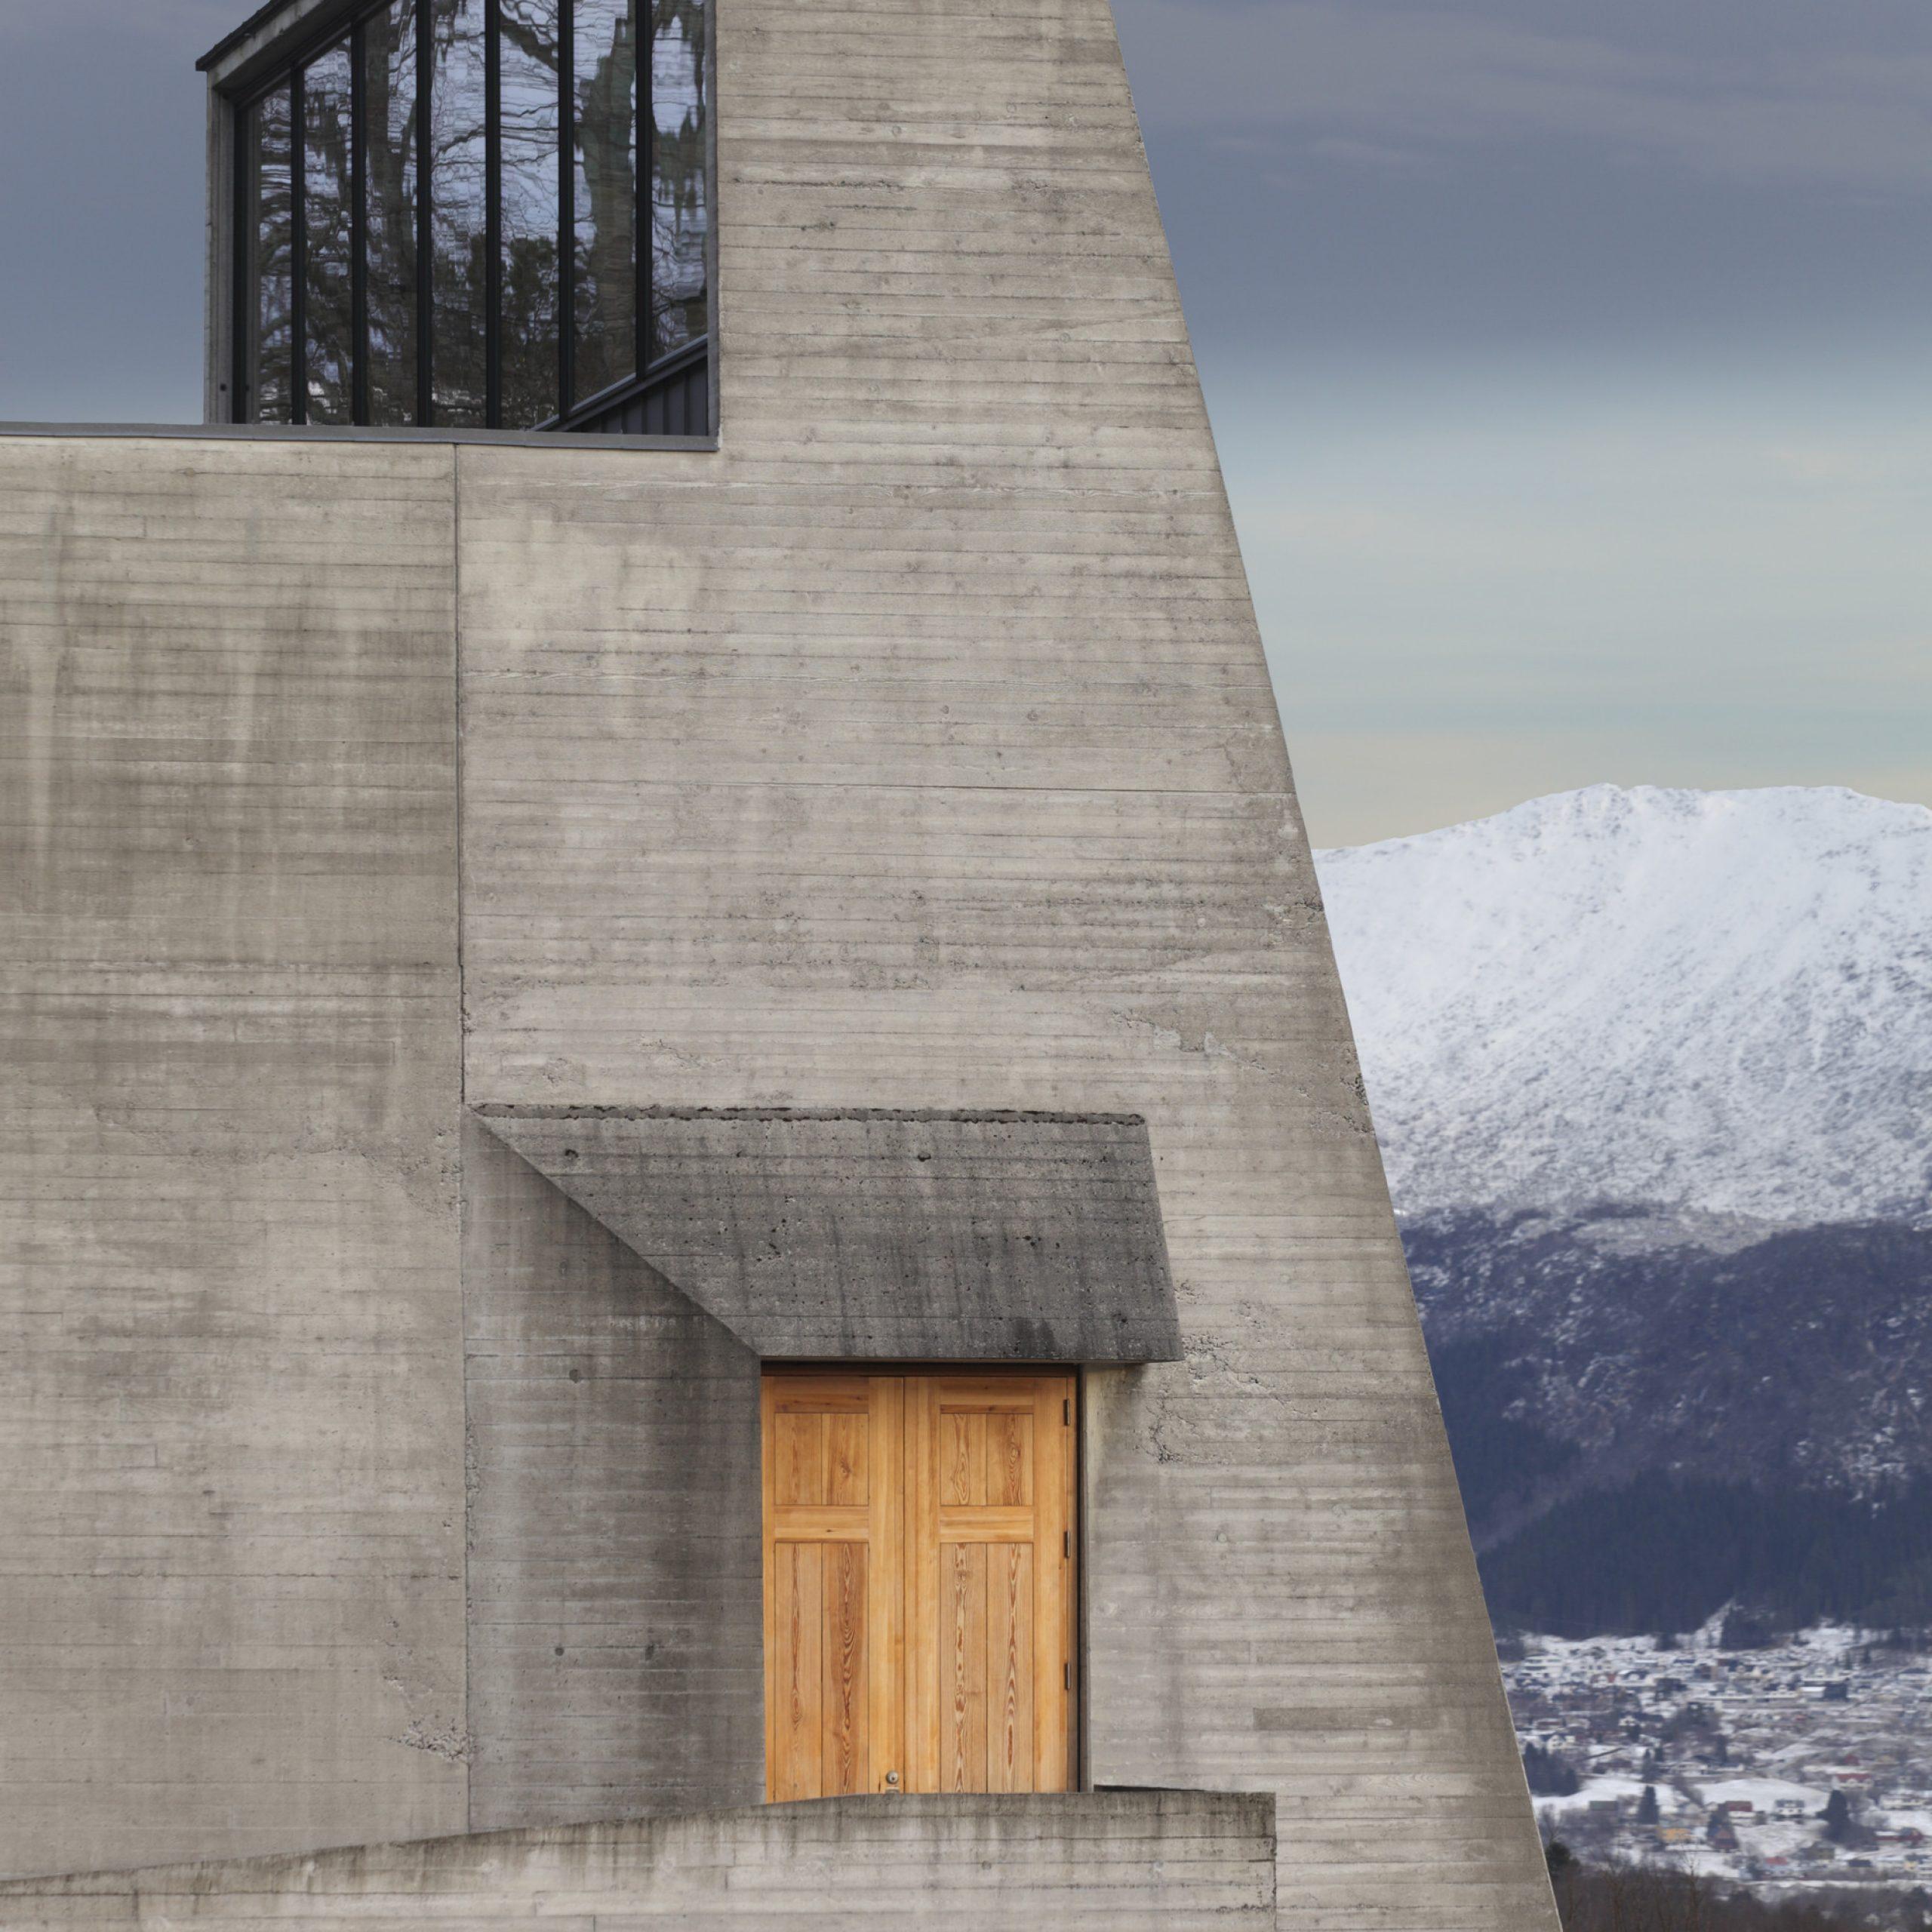 Acabamento com aparência de concreto é tendência